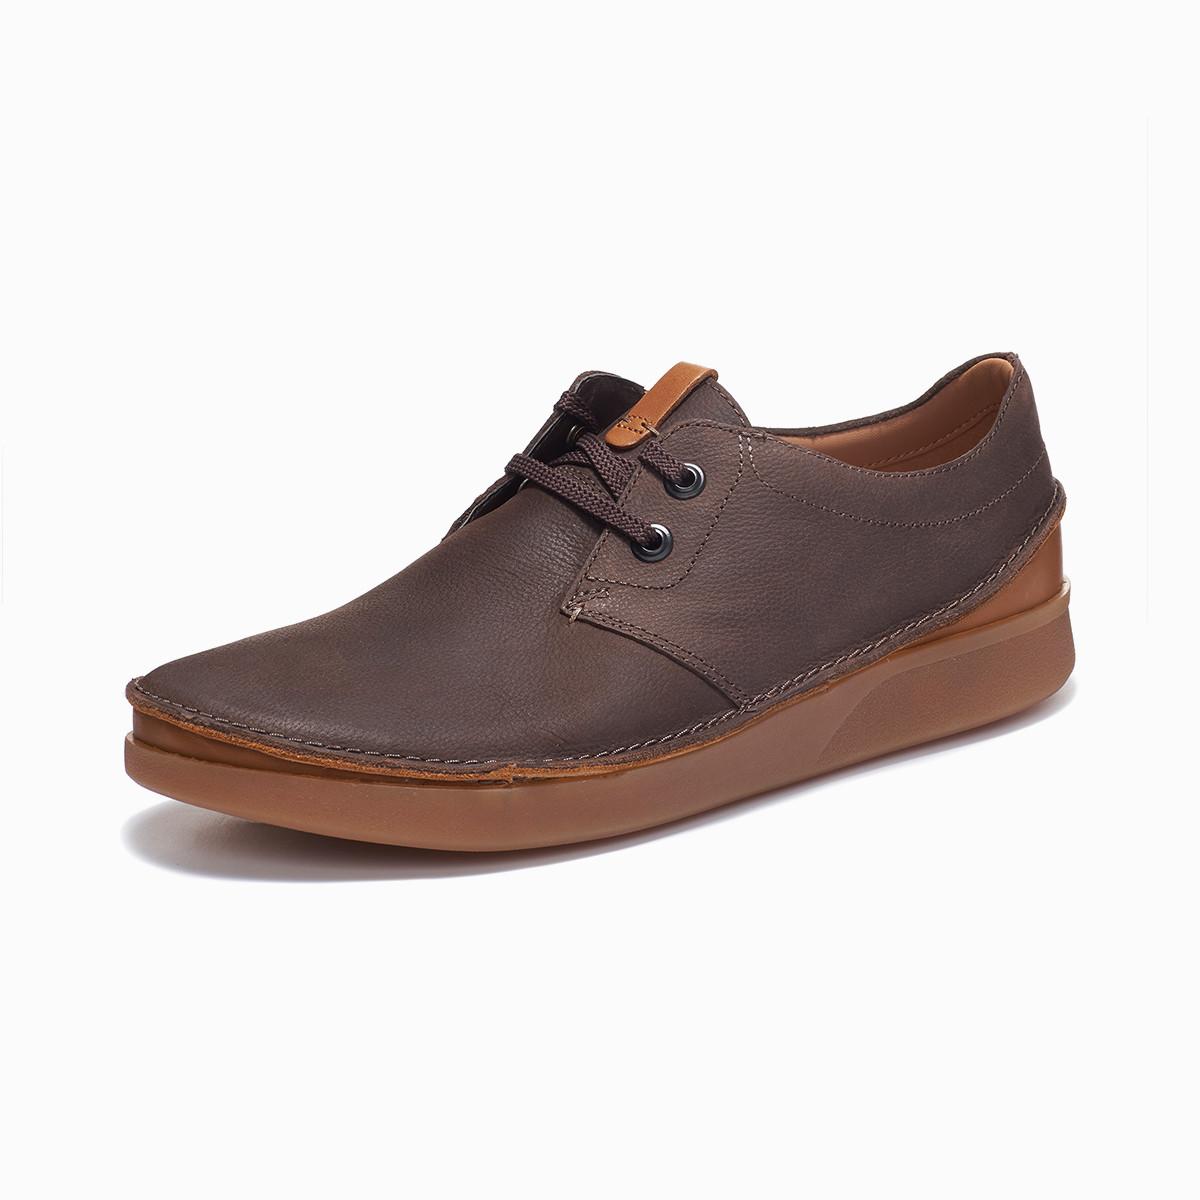 其乐男鞋Oakland Lace经典复古休闲平底牛皮鞋男士潮流板鞋